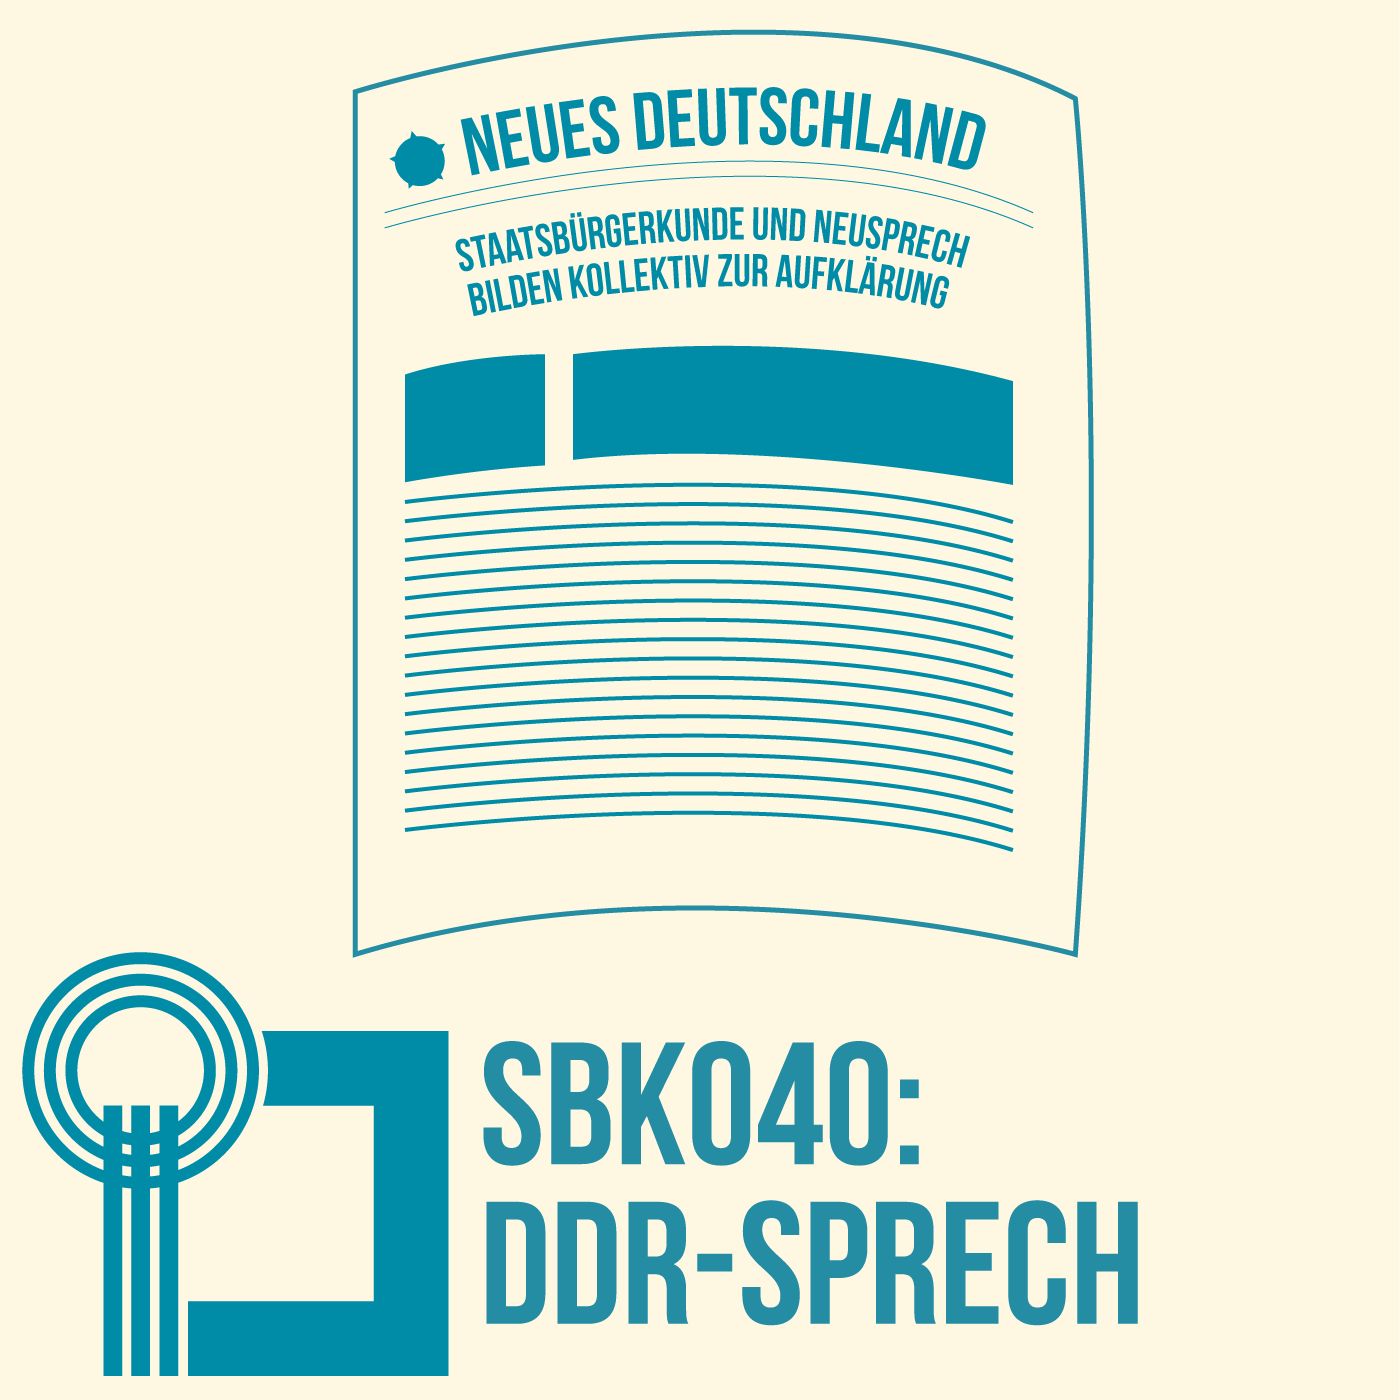 DDR-Sprech